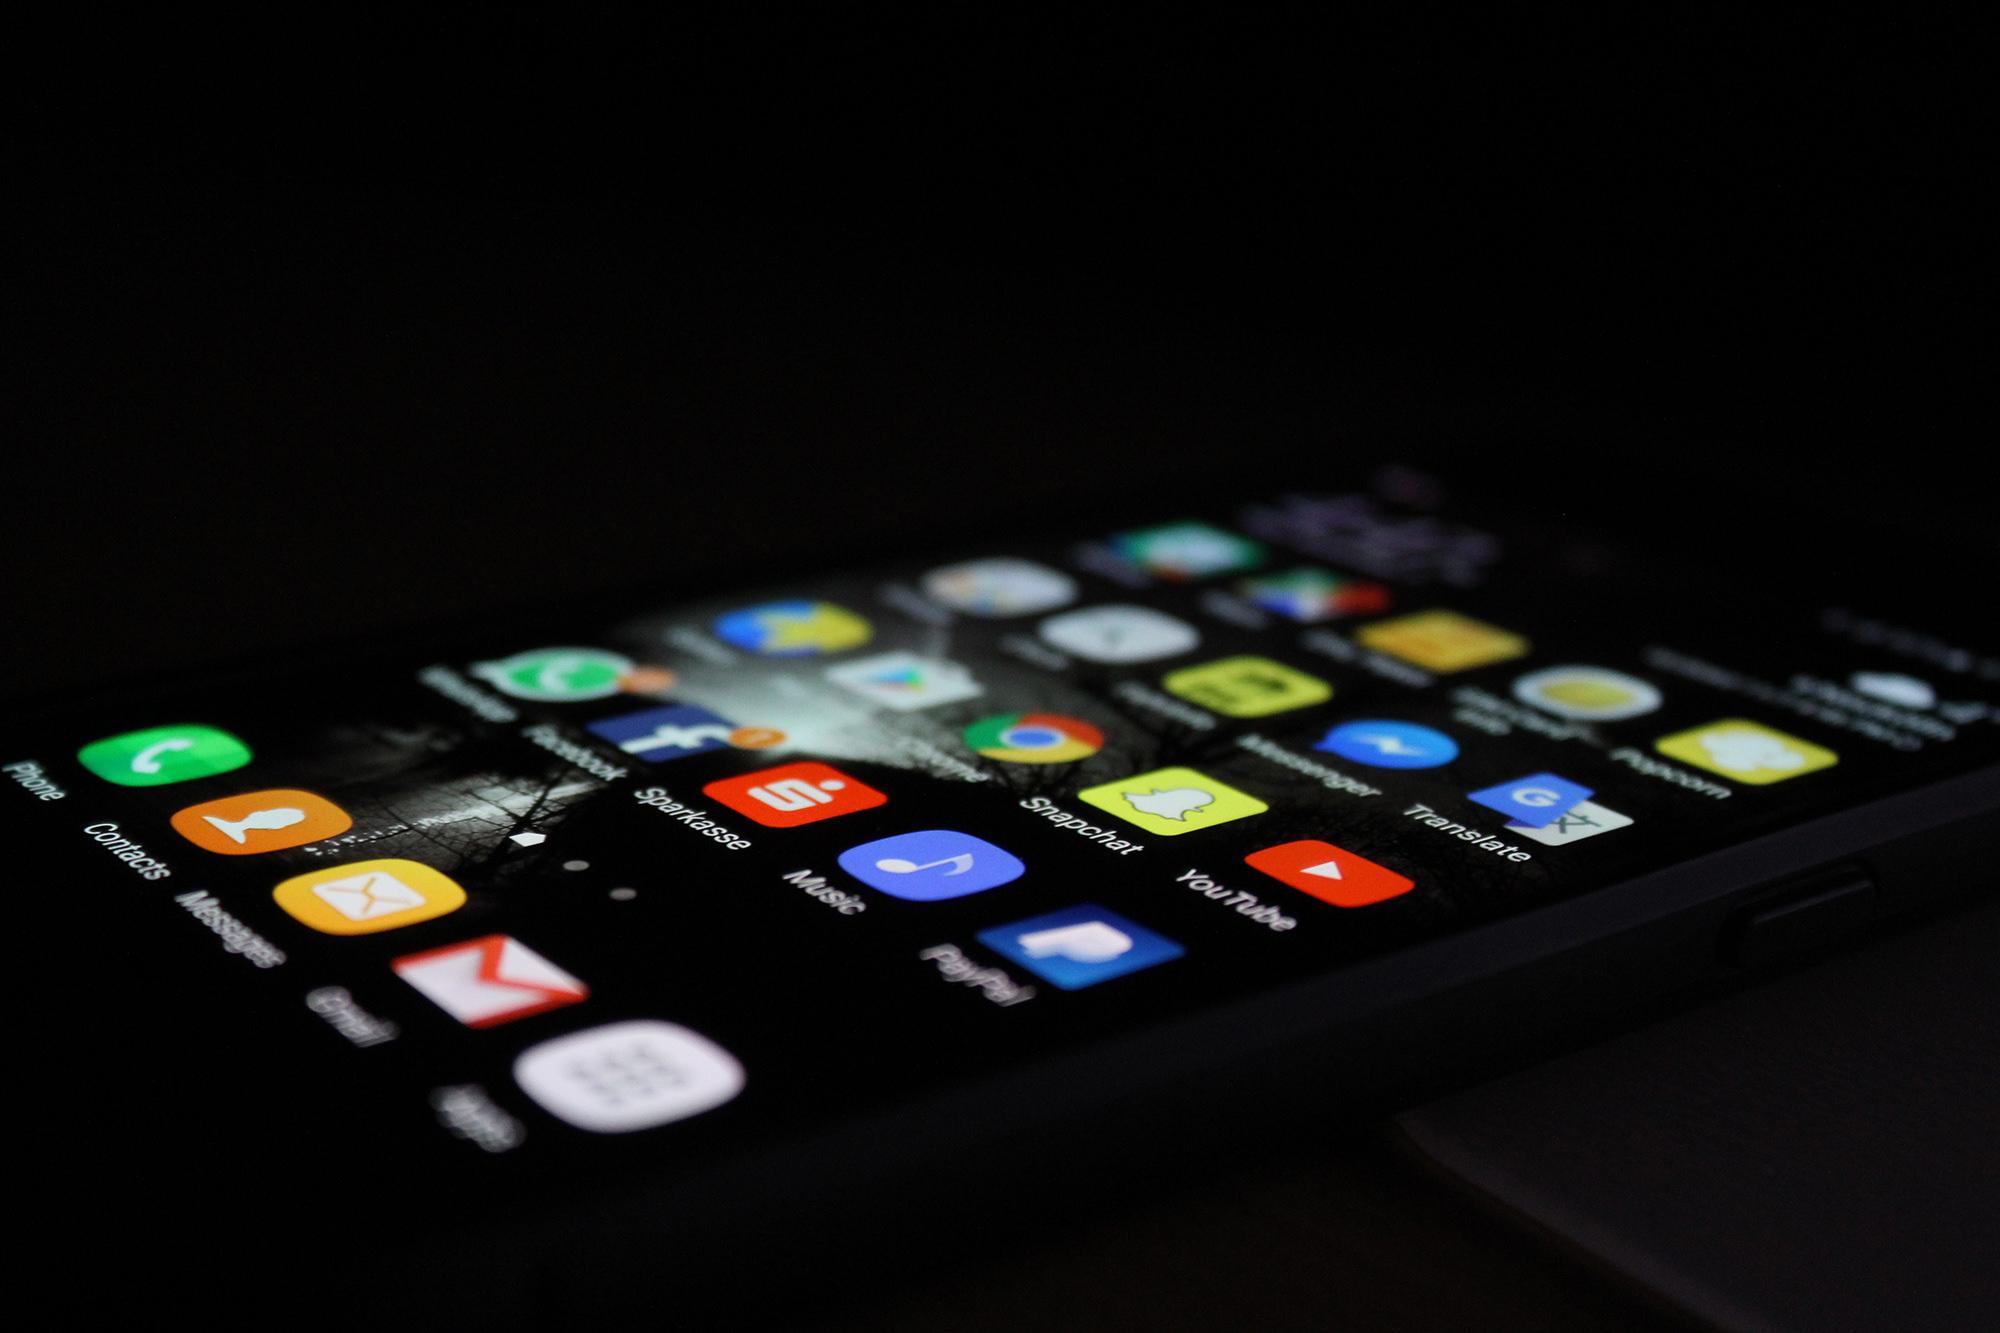 防災、地震、犯罪対策としてスマホに入れておきたい防災アプリ